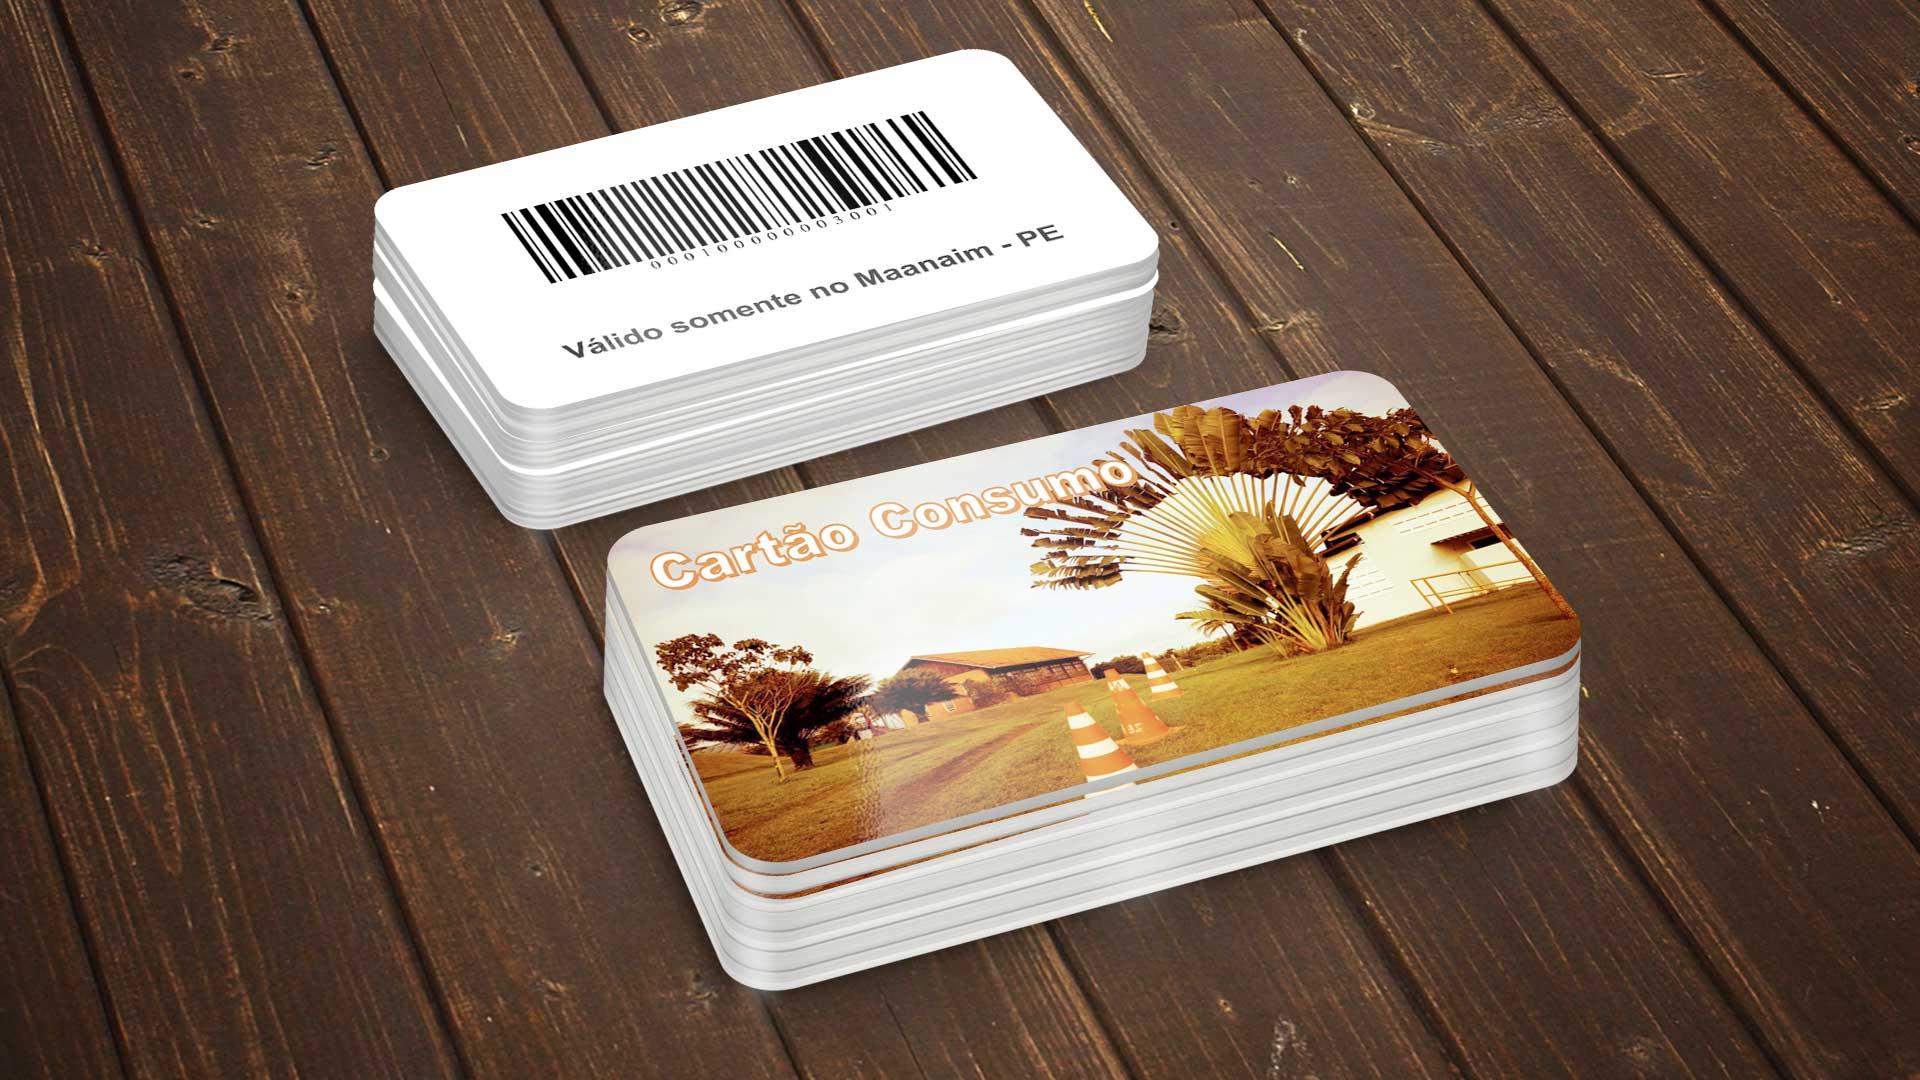 LDesigner - Cartão Consumo Cantina Maanaim PE